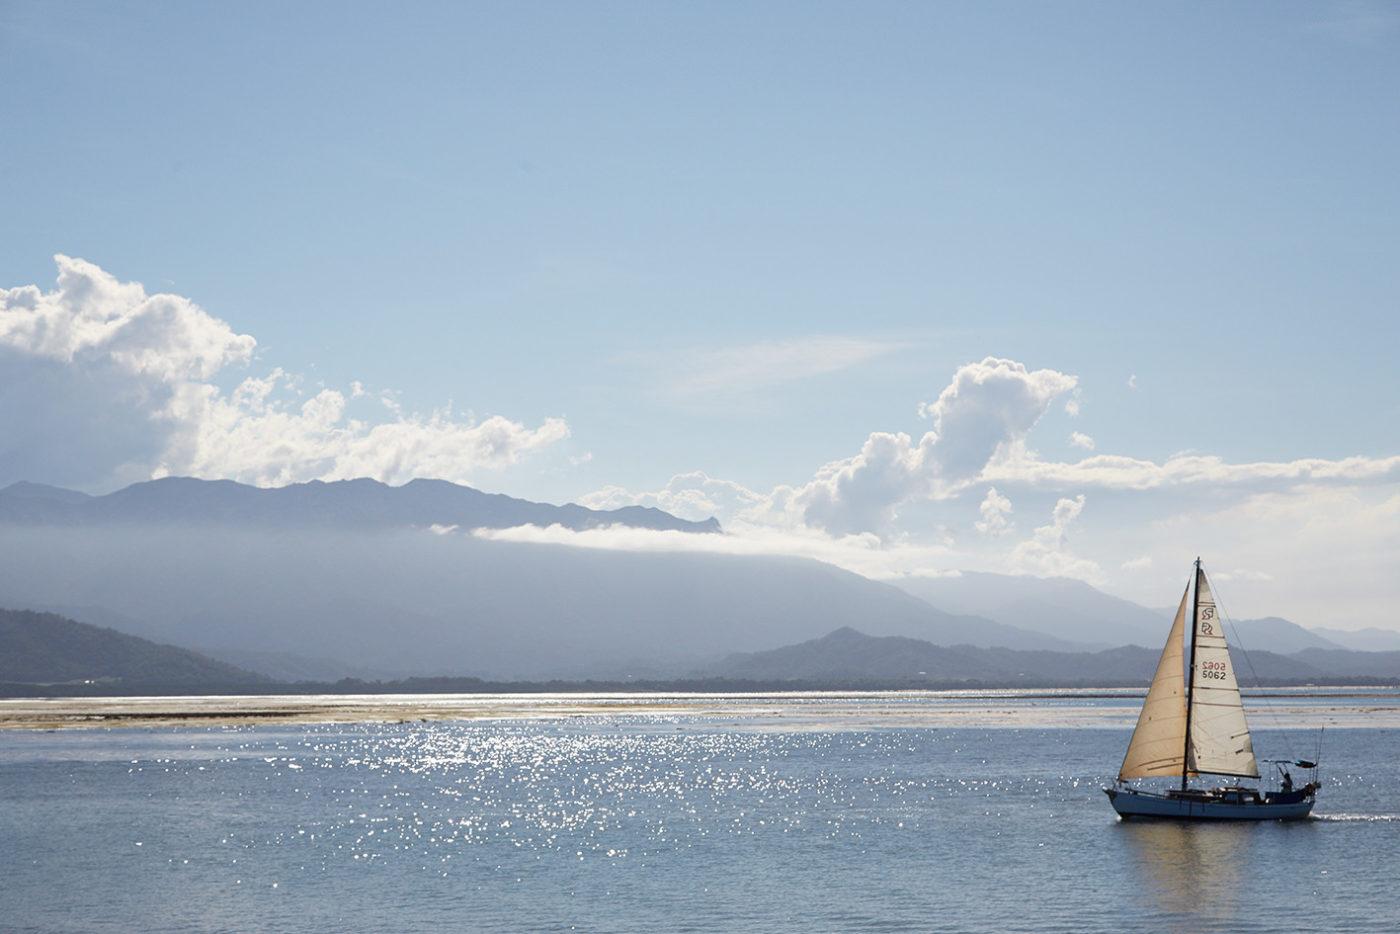 Port Douglas, Segelschiff, Segen in Australien, Cairns, Australien, Roadtrip, Miles and Shores, Reiseblog, Reiseblogger, Strand, Ozean, Meer